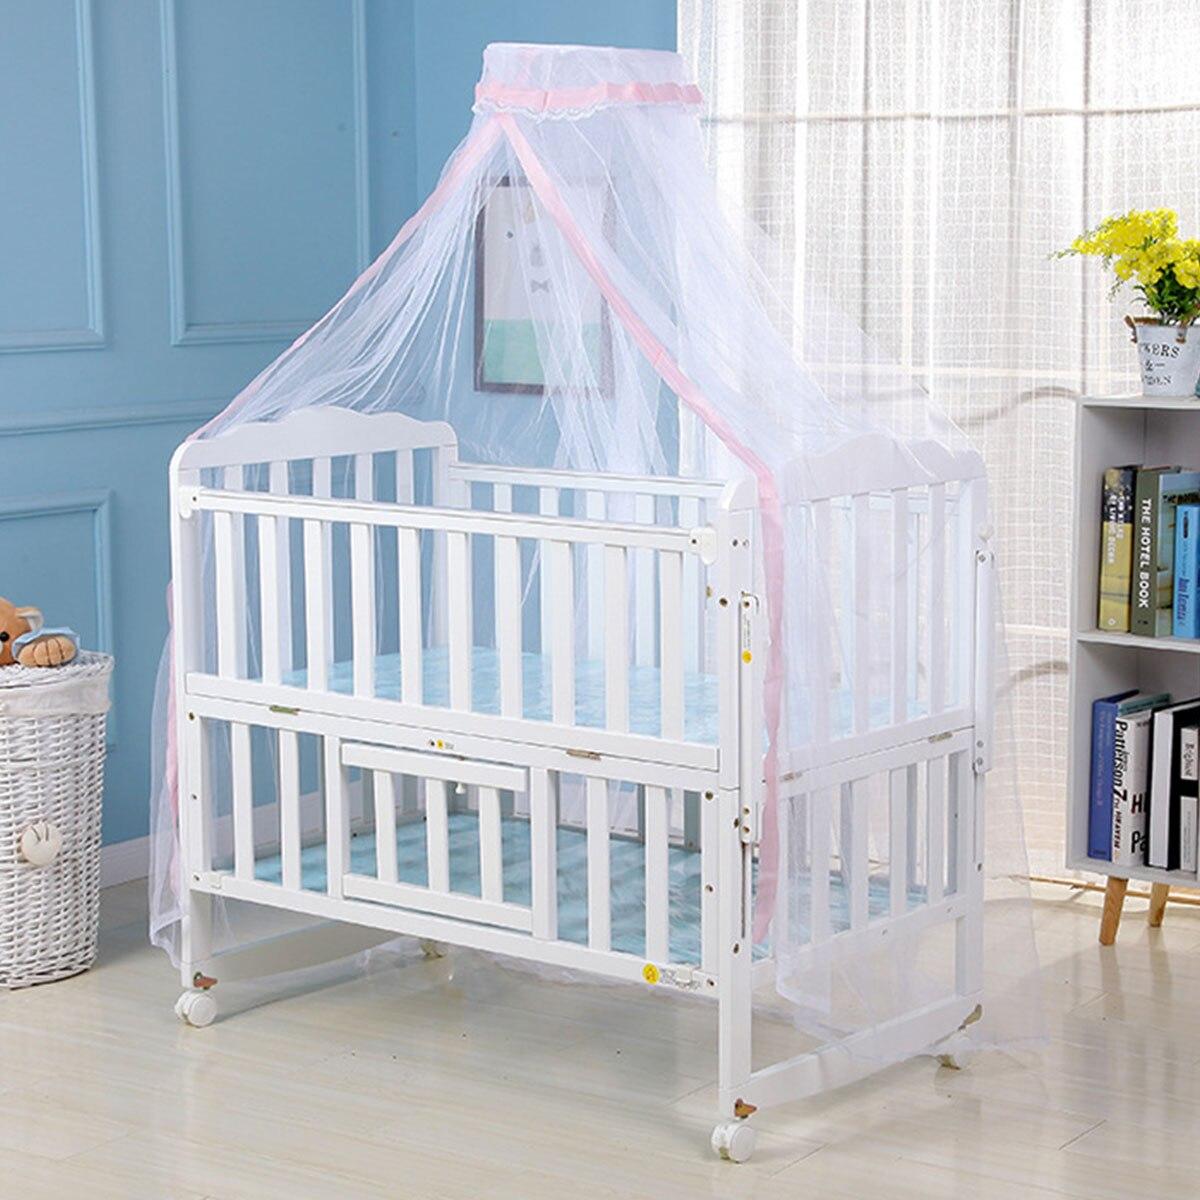 1* москитная сетка Горячая Детская кровать противомоскитная сетка купол штора-сетка для детская кроватка Навес синий розовый желтый цвет